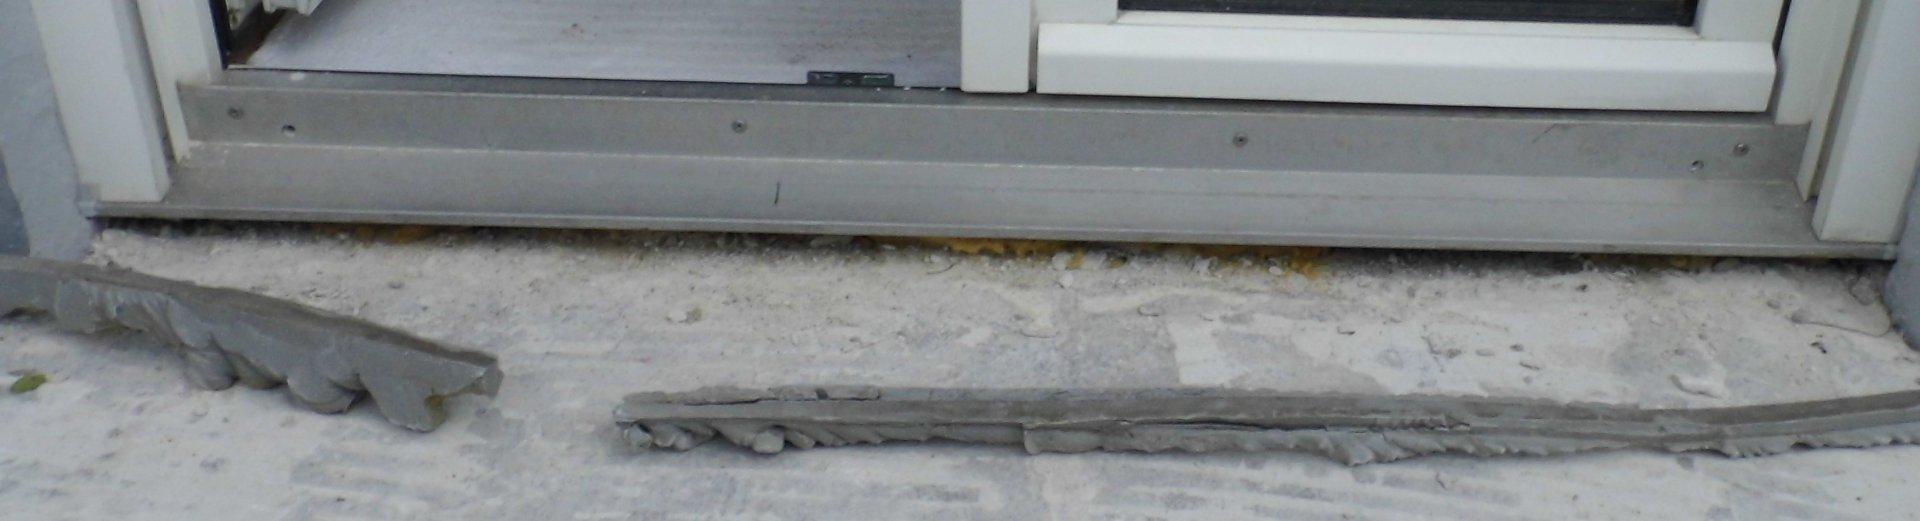 Aussen Hauswand Deko Schön Abdichtung Terrasse Hauswand